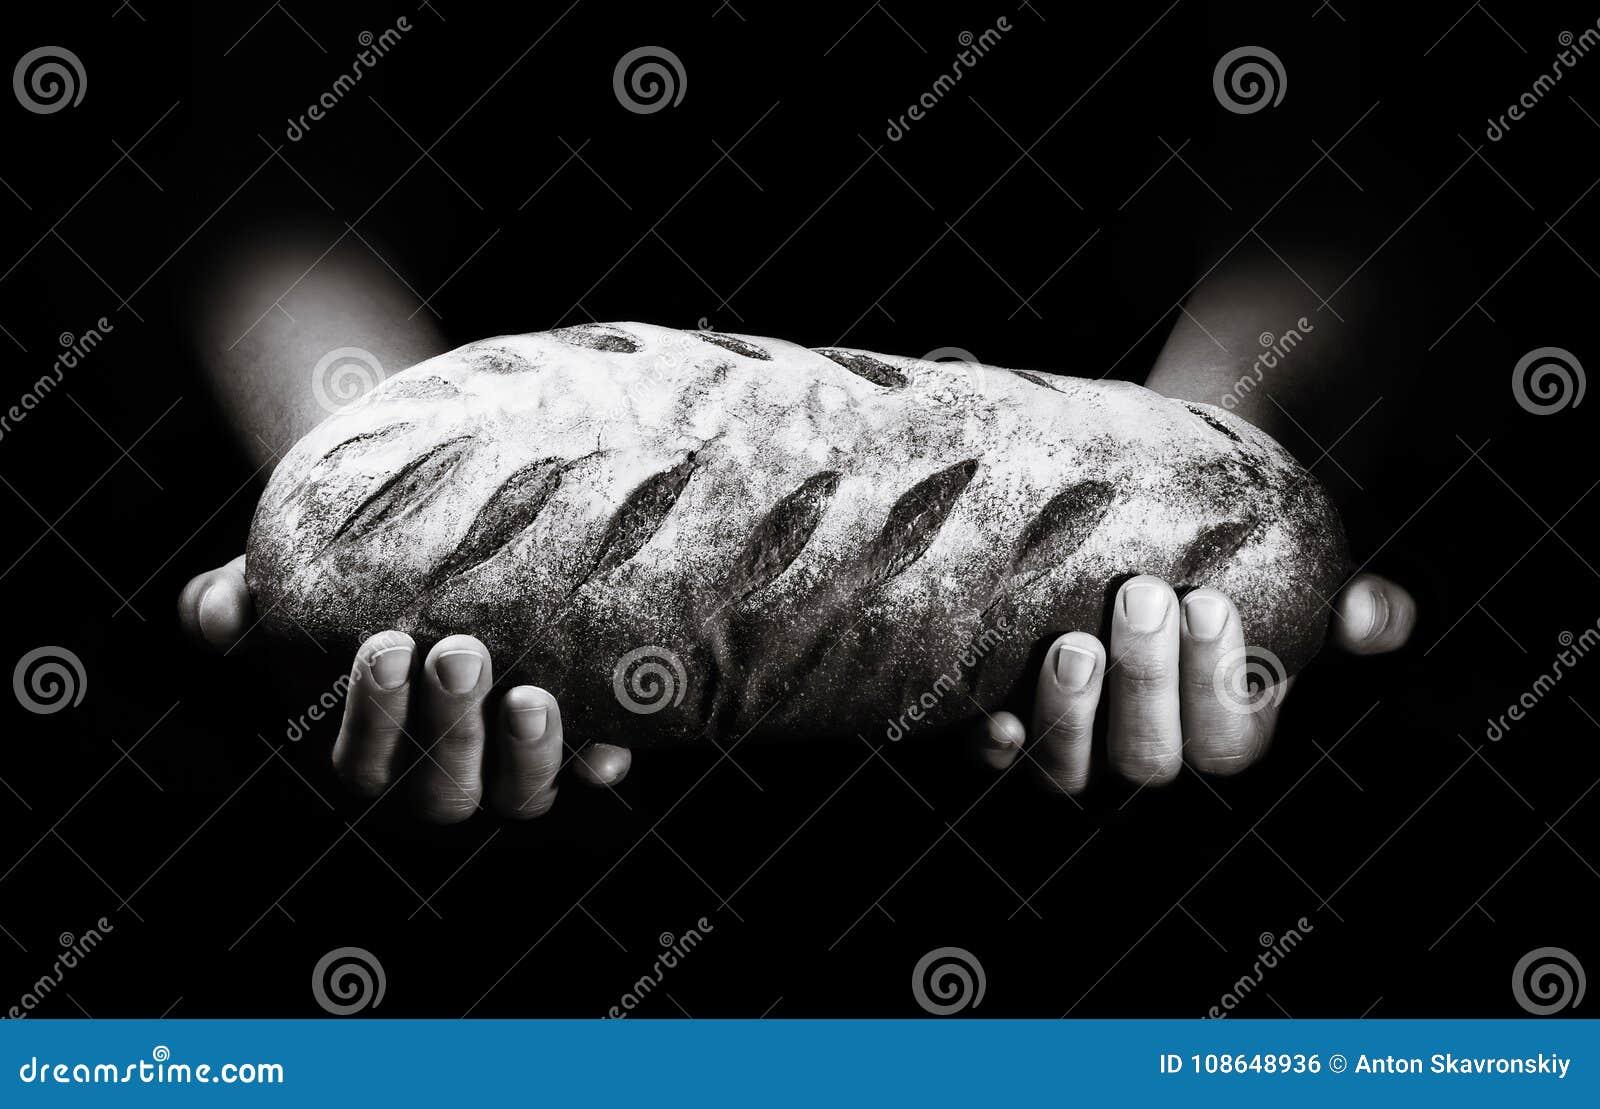 Πρόσφατα ψημένο ψωμί σε ένα μαύρο υπόβαθρο